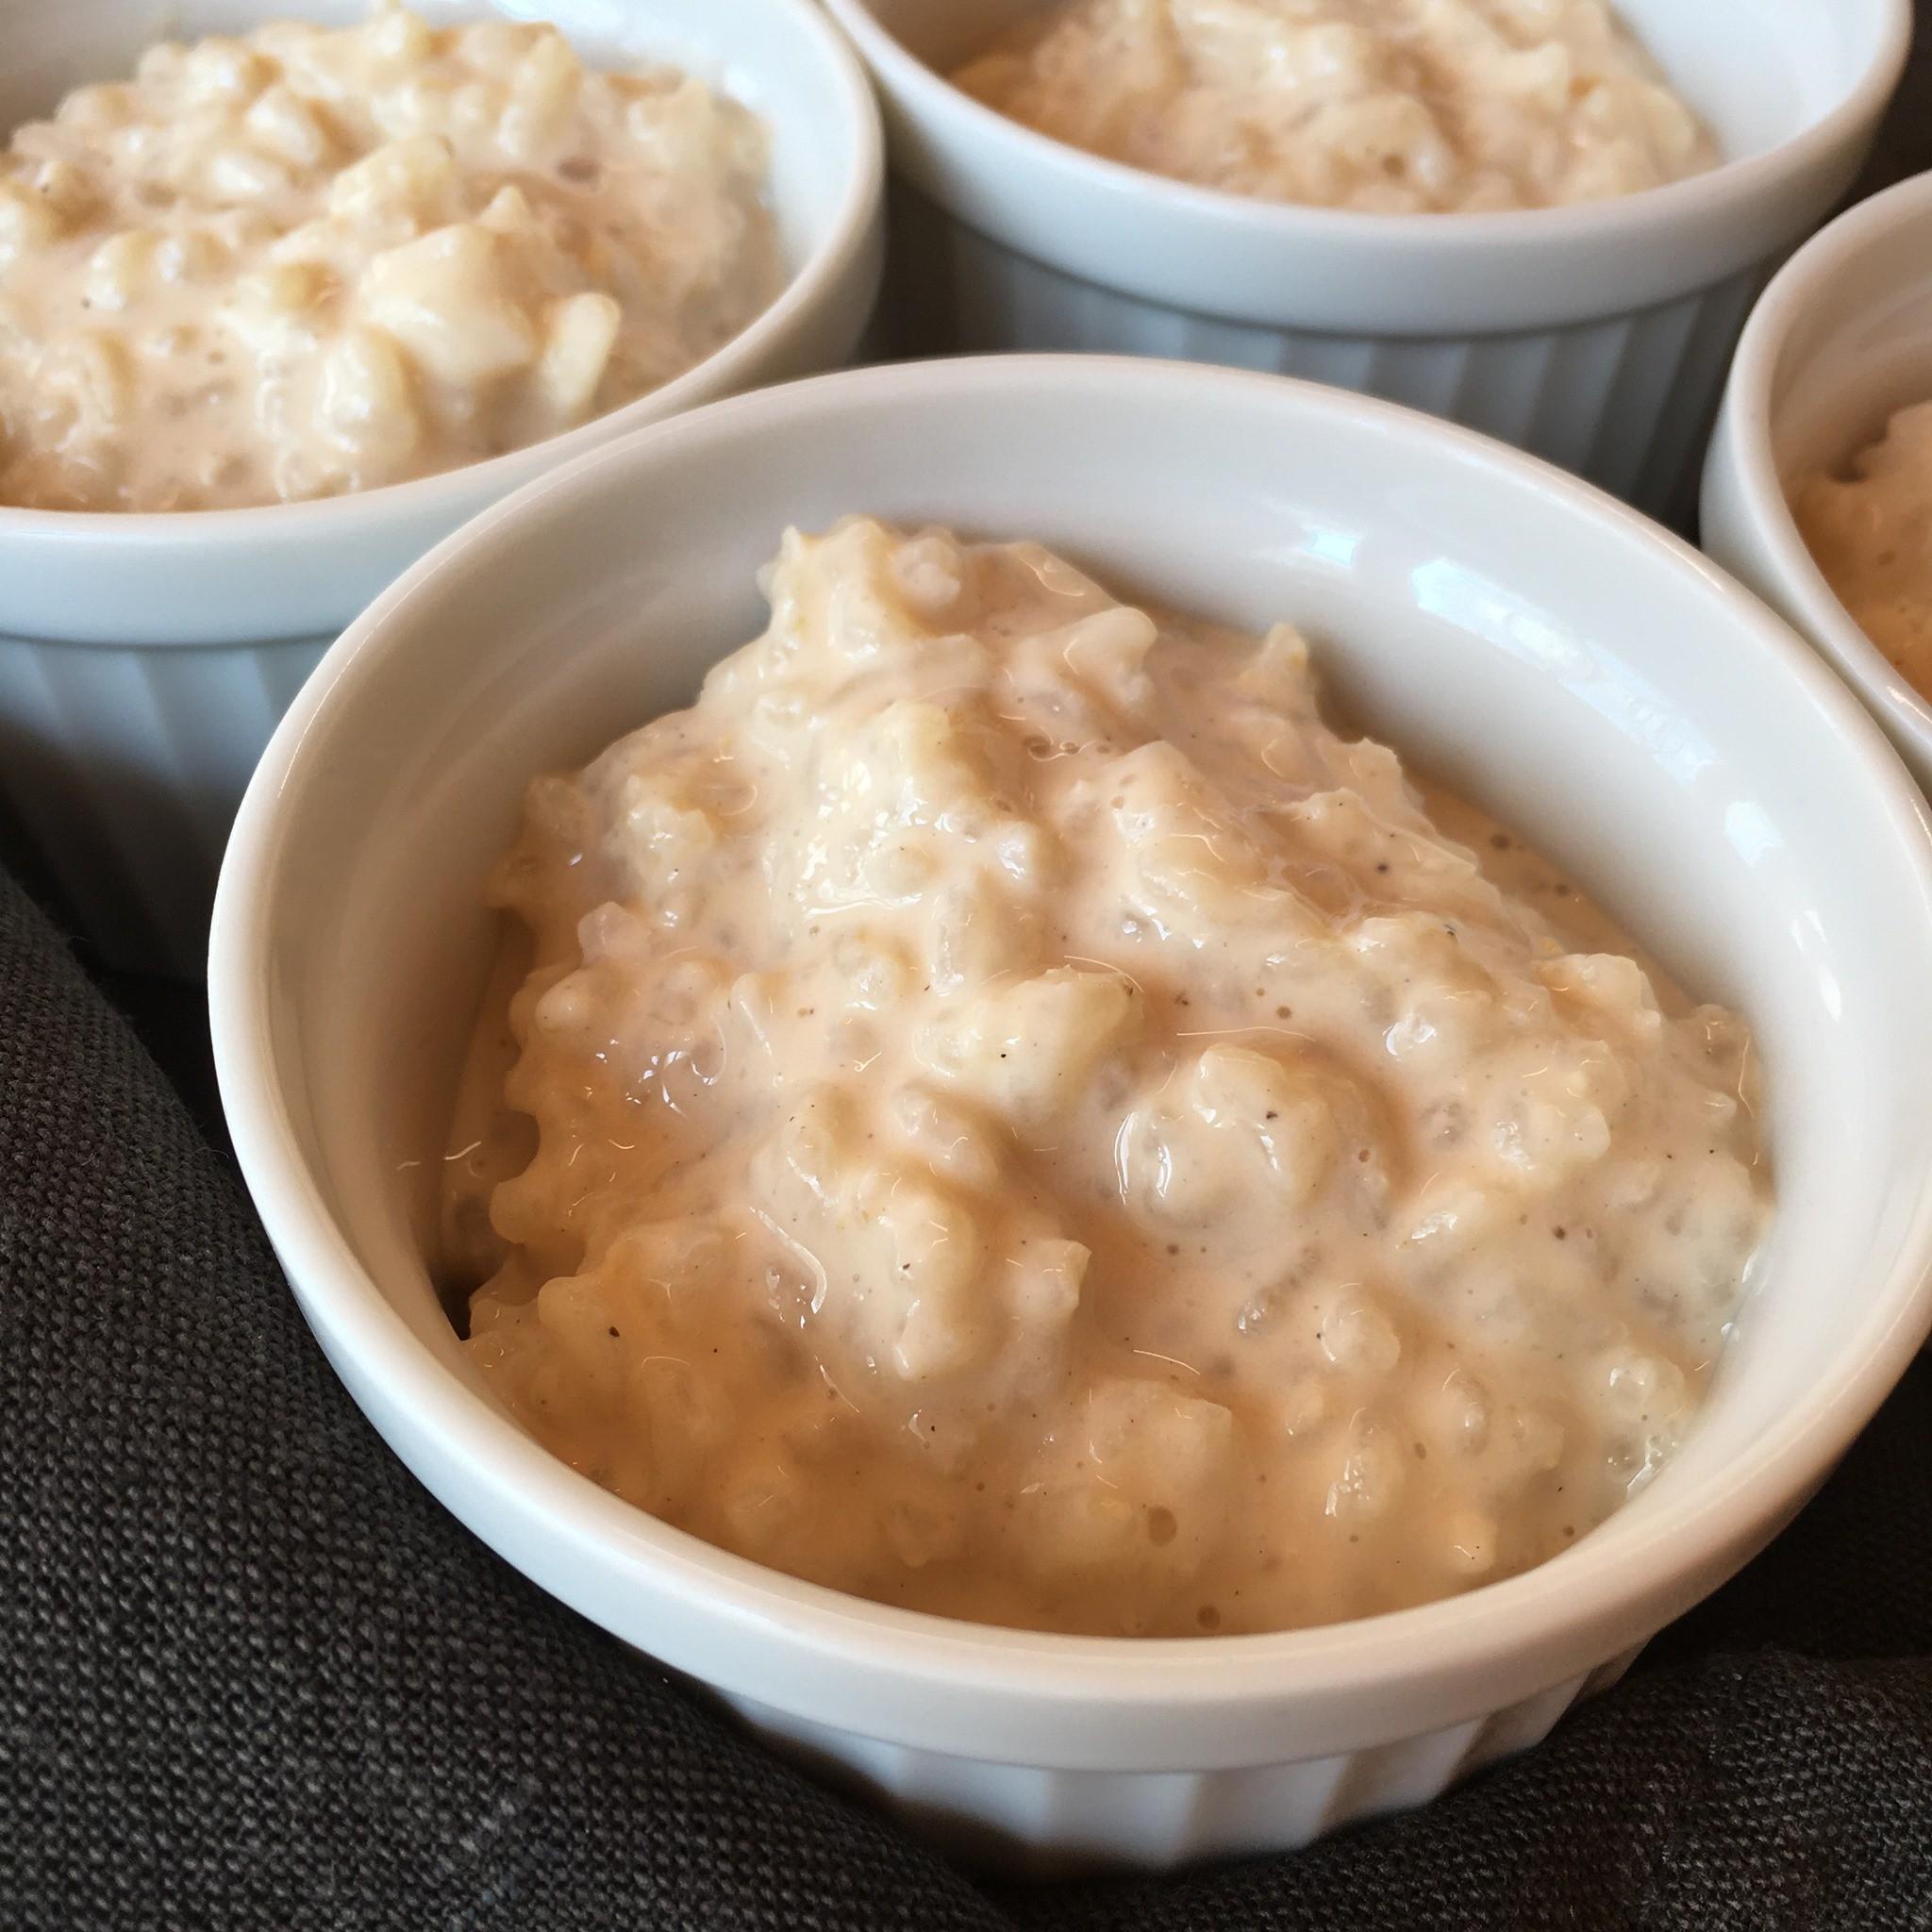 【スタッフコラム】 簡単デザート!Riz au lait の作り方